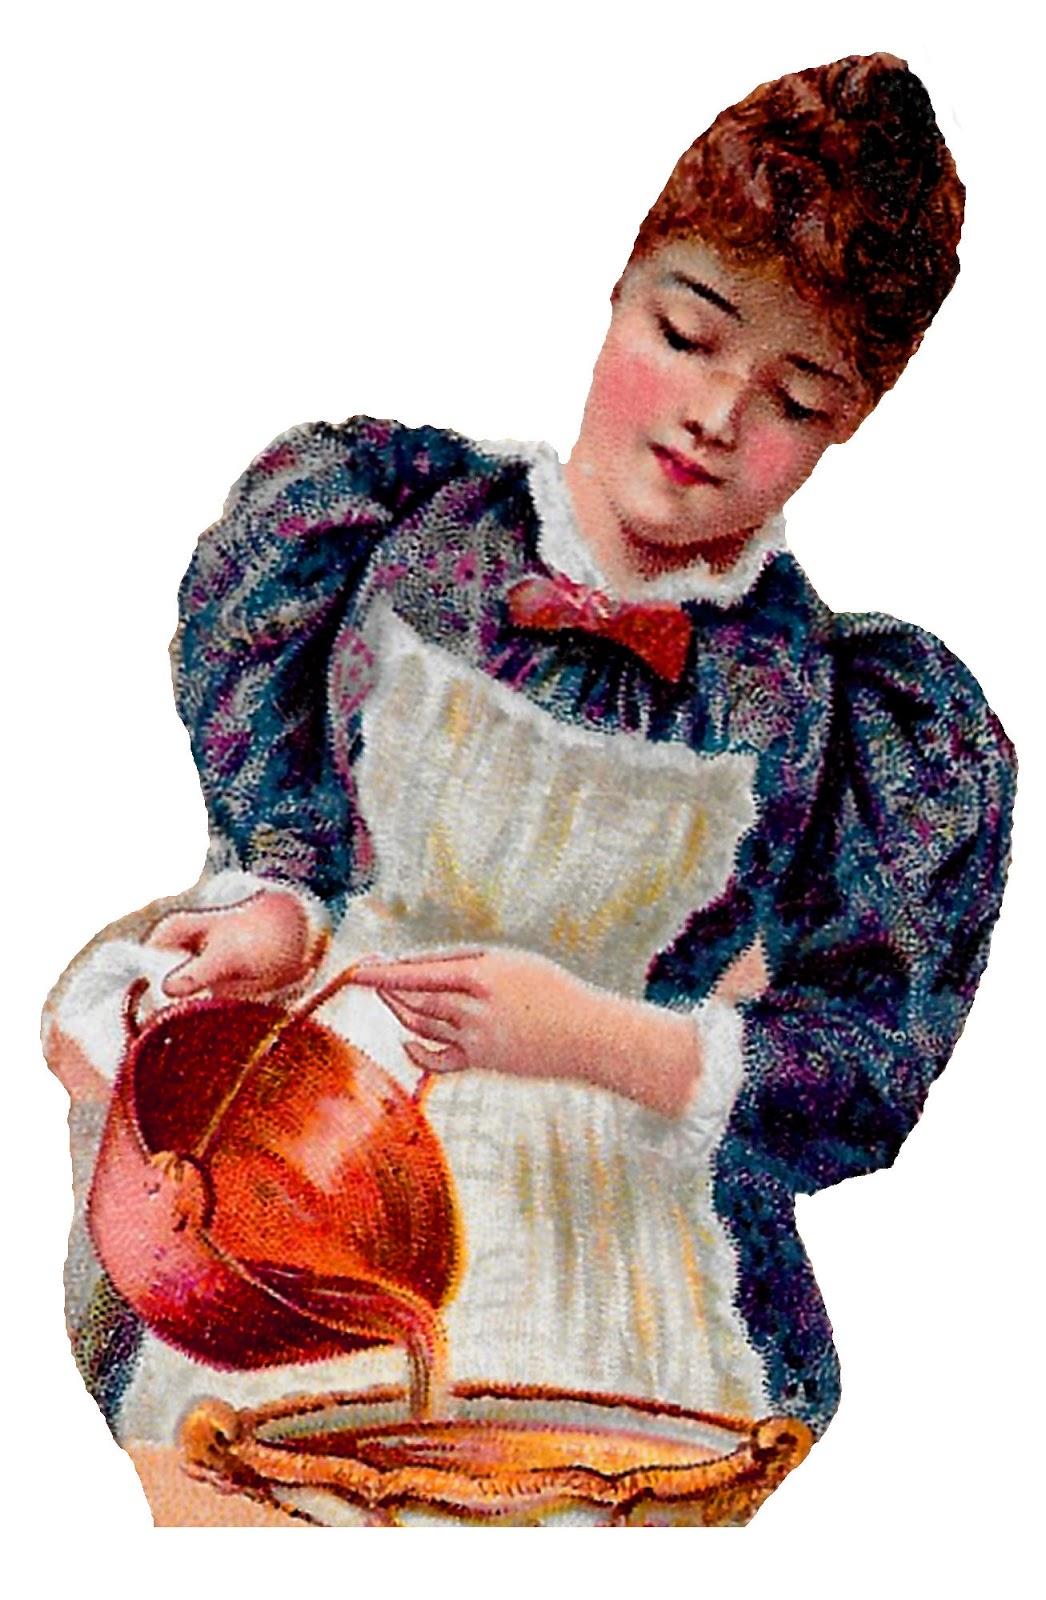 Antique images free downloadable. Baker clipart pie